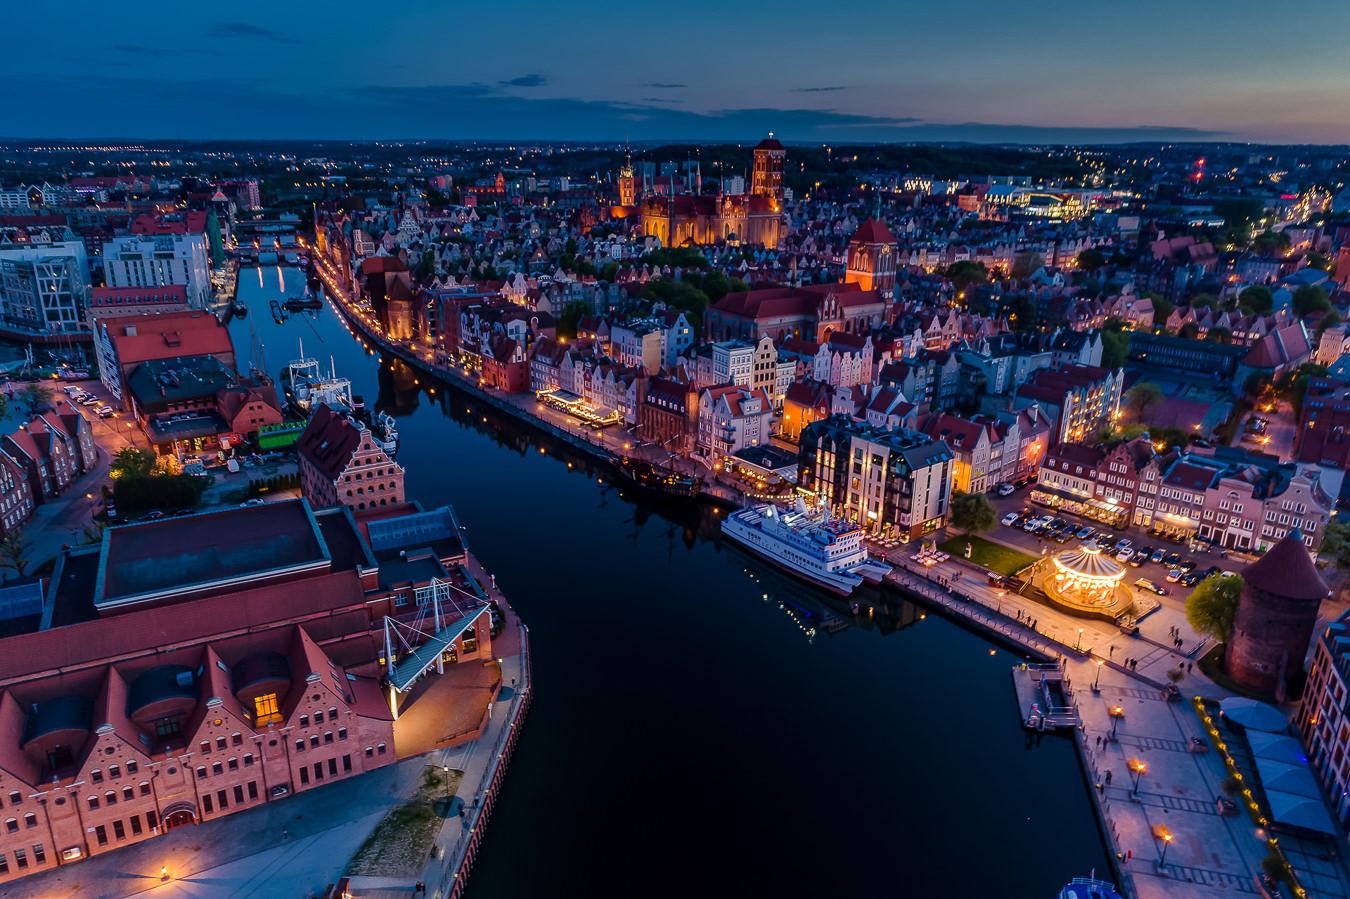 Gdańsk - widok z drona na Motławę rozdzielającą Filharmonię Bałtycką na Ołowiance oraz Rybackie Pobrzeże i karuzelę na Targu Rybnym